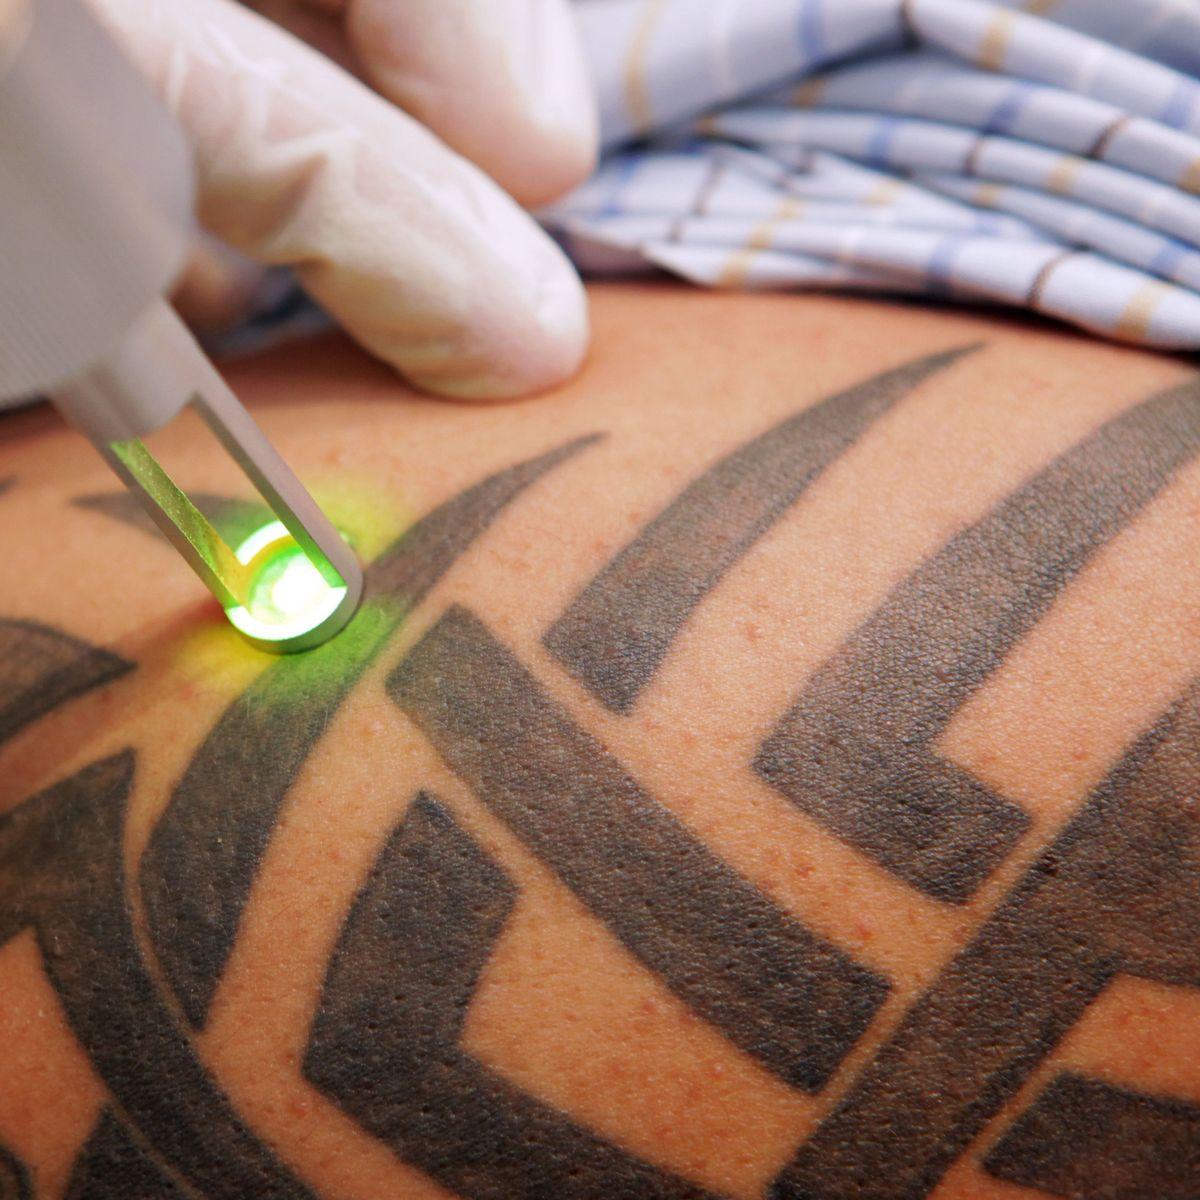 Auf weißes haut tattoo dunkler Pigmentstörungen: Helle